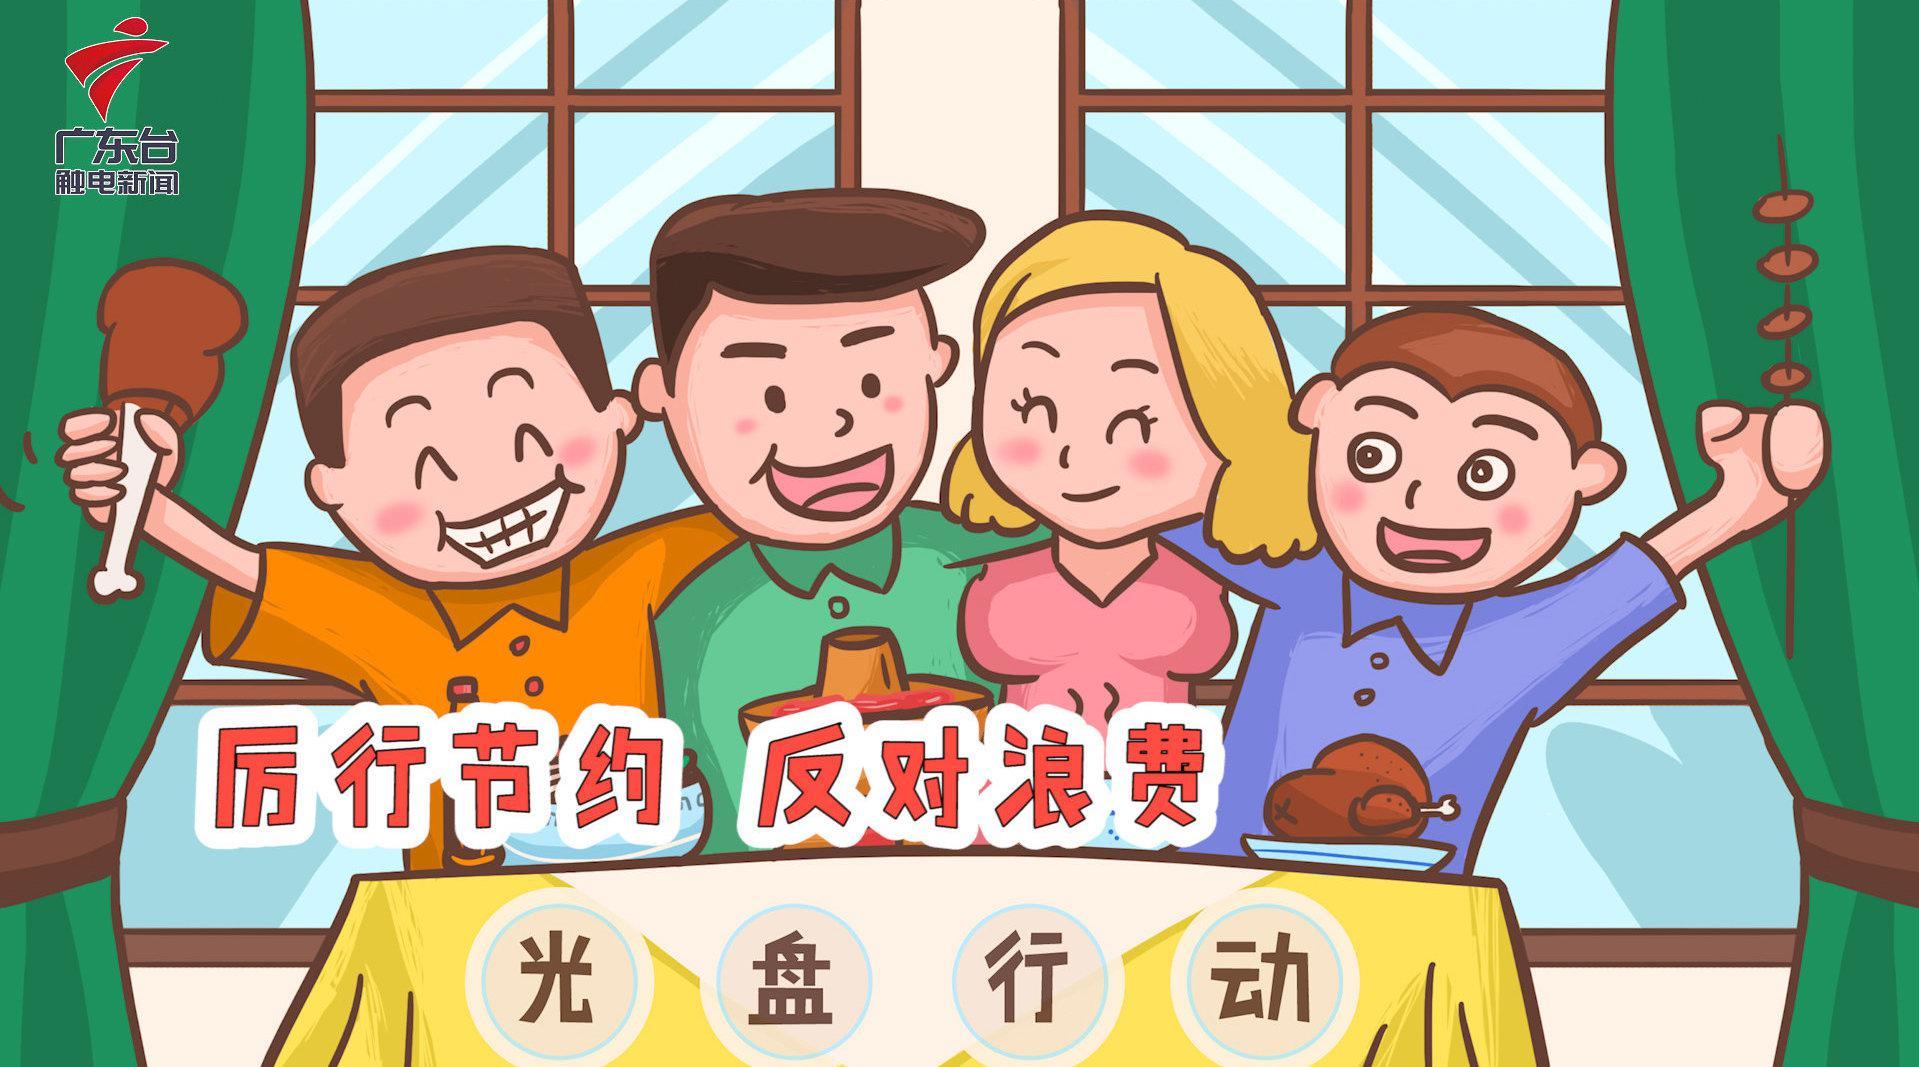 广东通过制止餐饮浪费决定:广东禁止餐饮企业设最低消费额、广东……